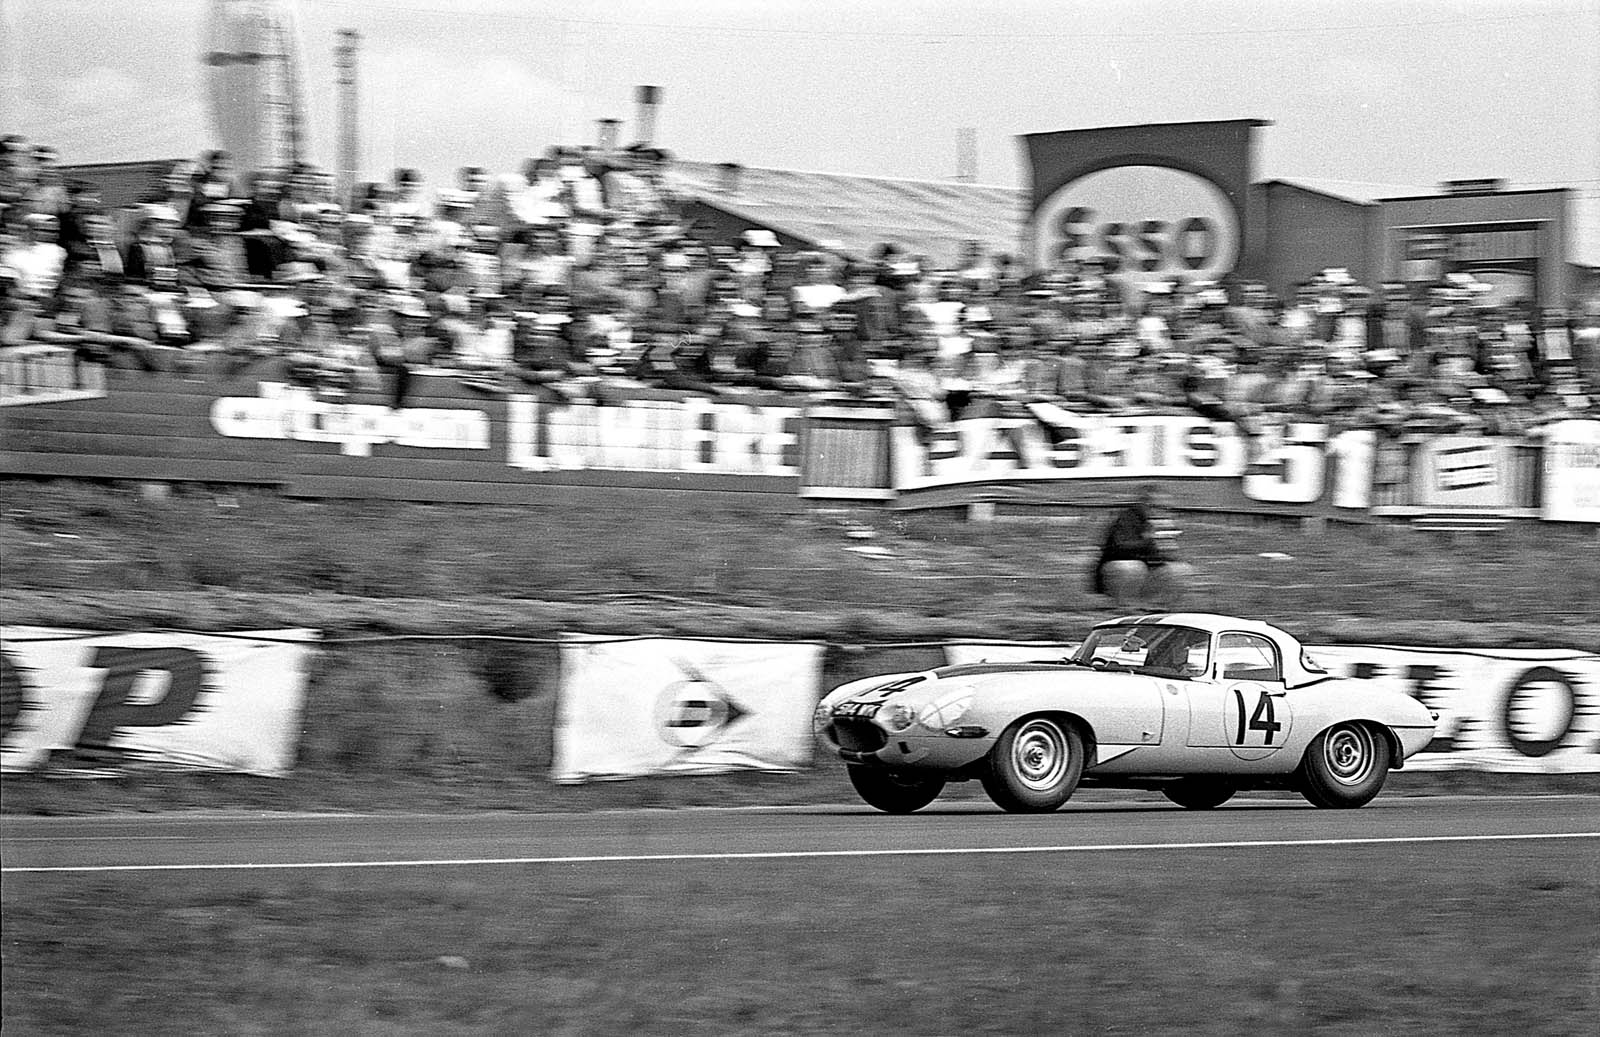 1963 Jaguar E-Type Lightweight #14 Cunningham 20 (5)